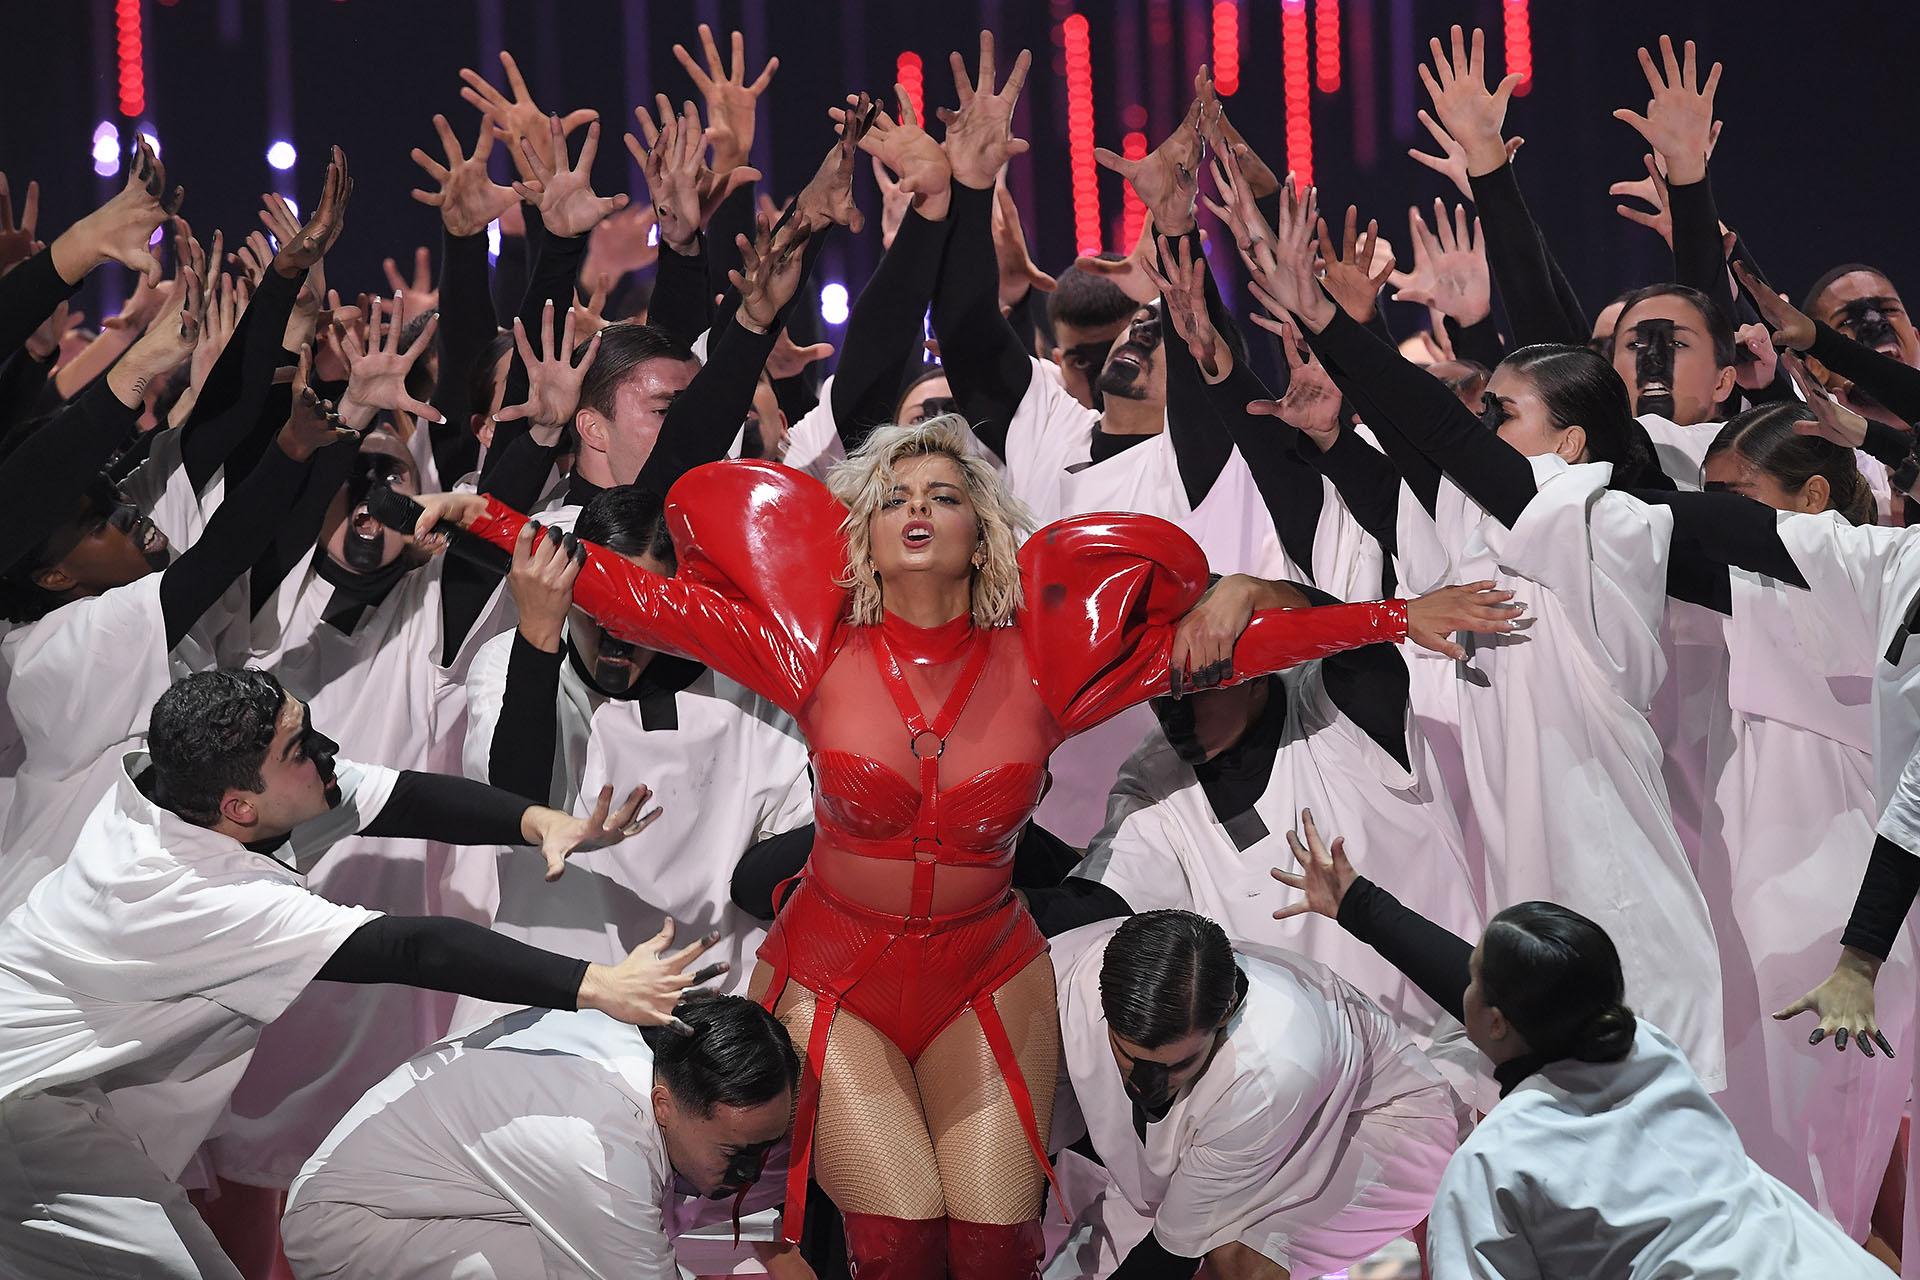 La cantante estadounidense Bebe Rexha en pleno show en los premios MTV 2018